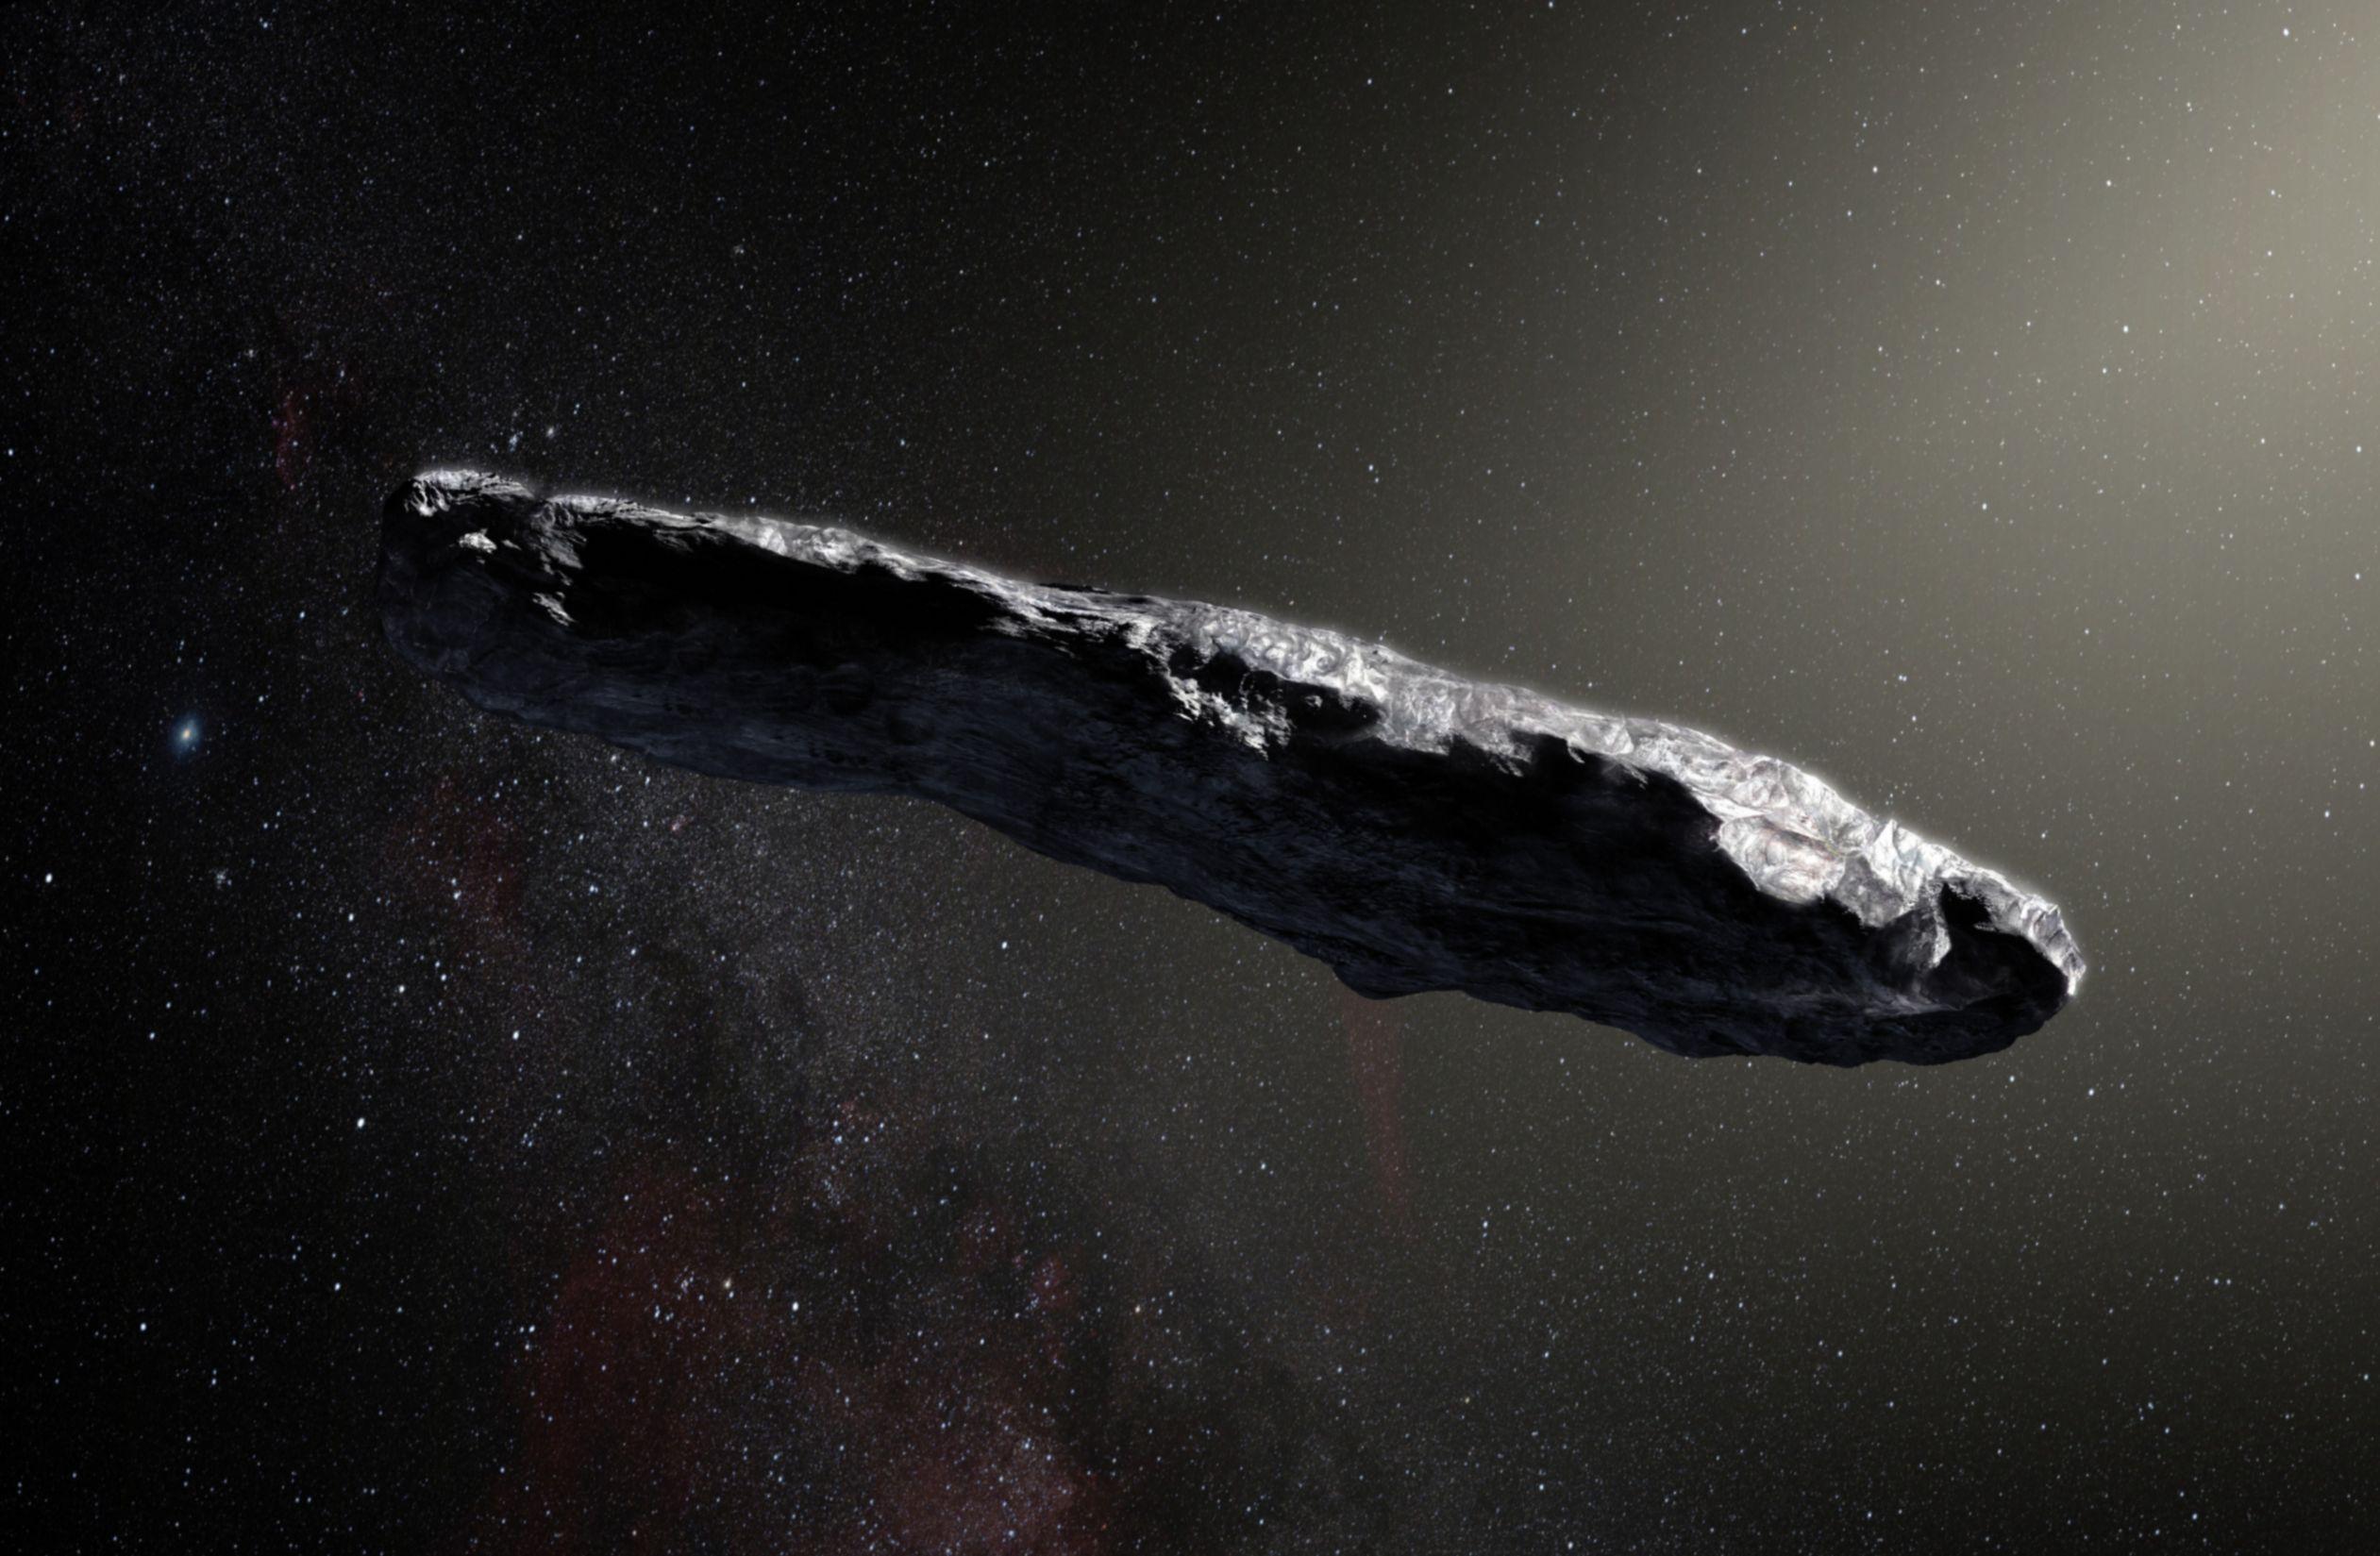 Mezihvězdná planetka ?Oumuamua. Kredit: ESO / M. Kornmesser.